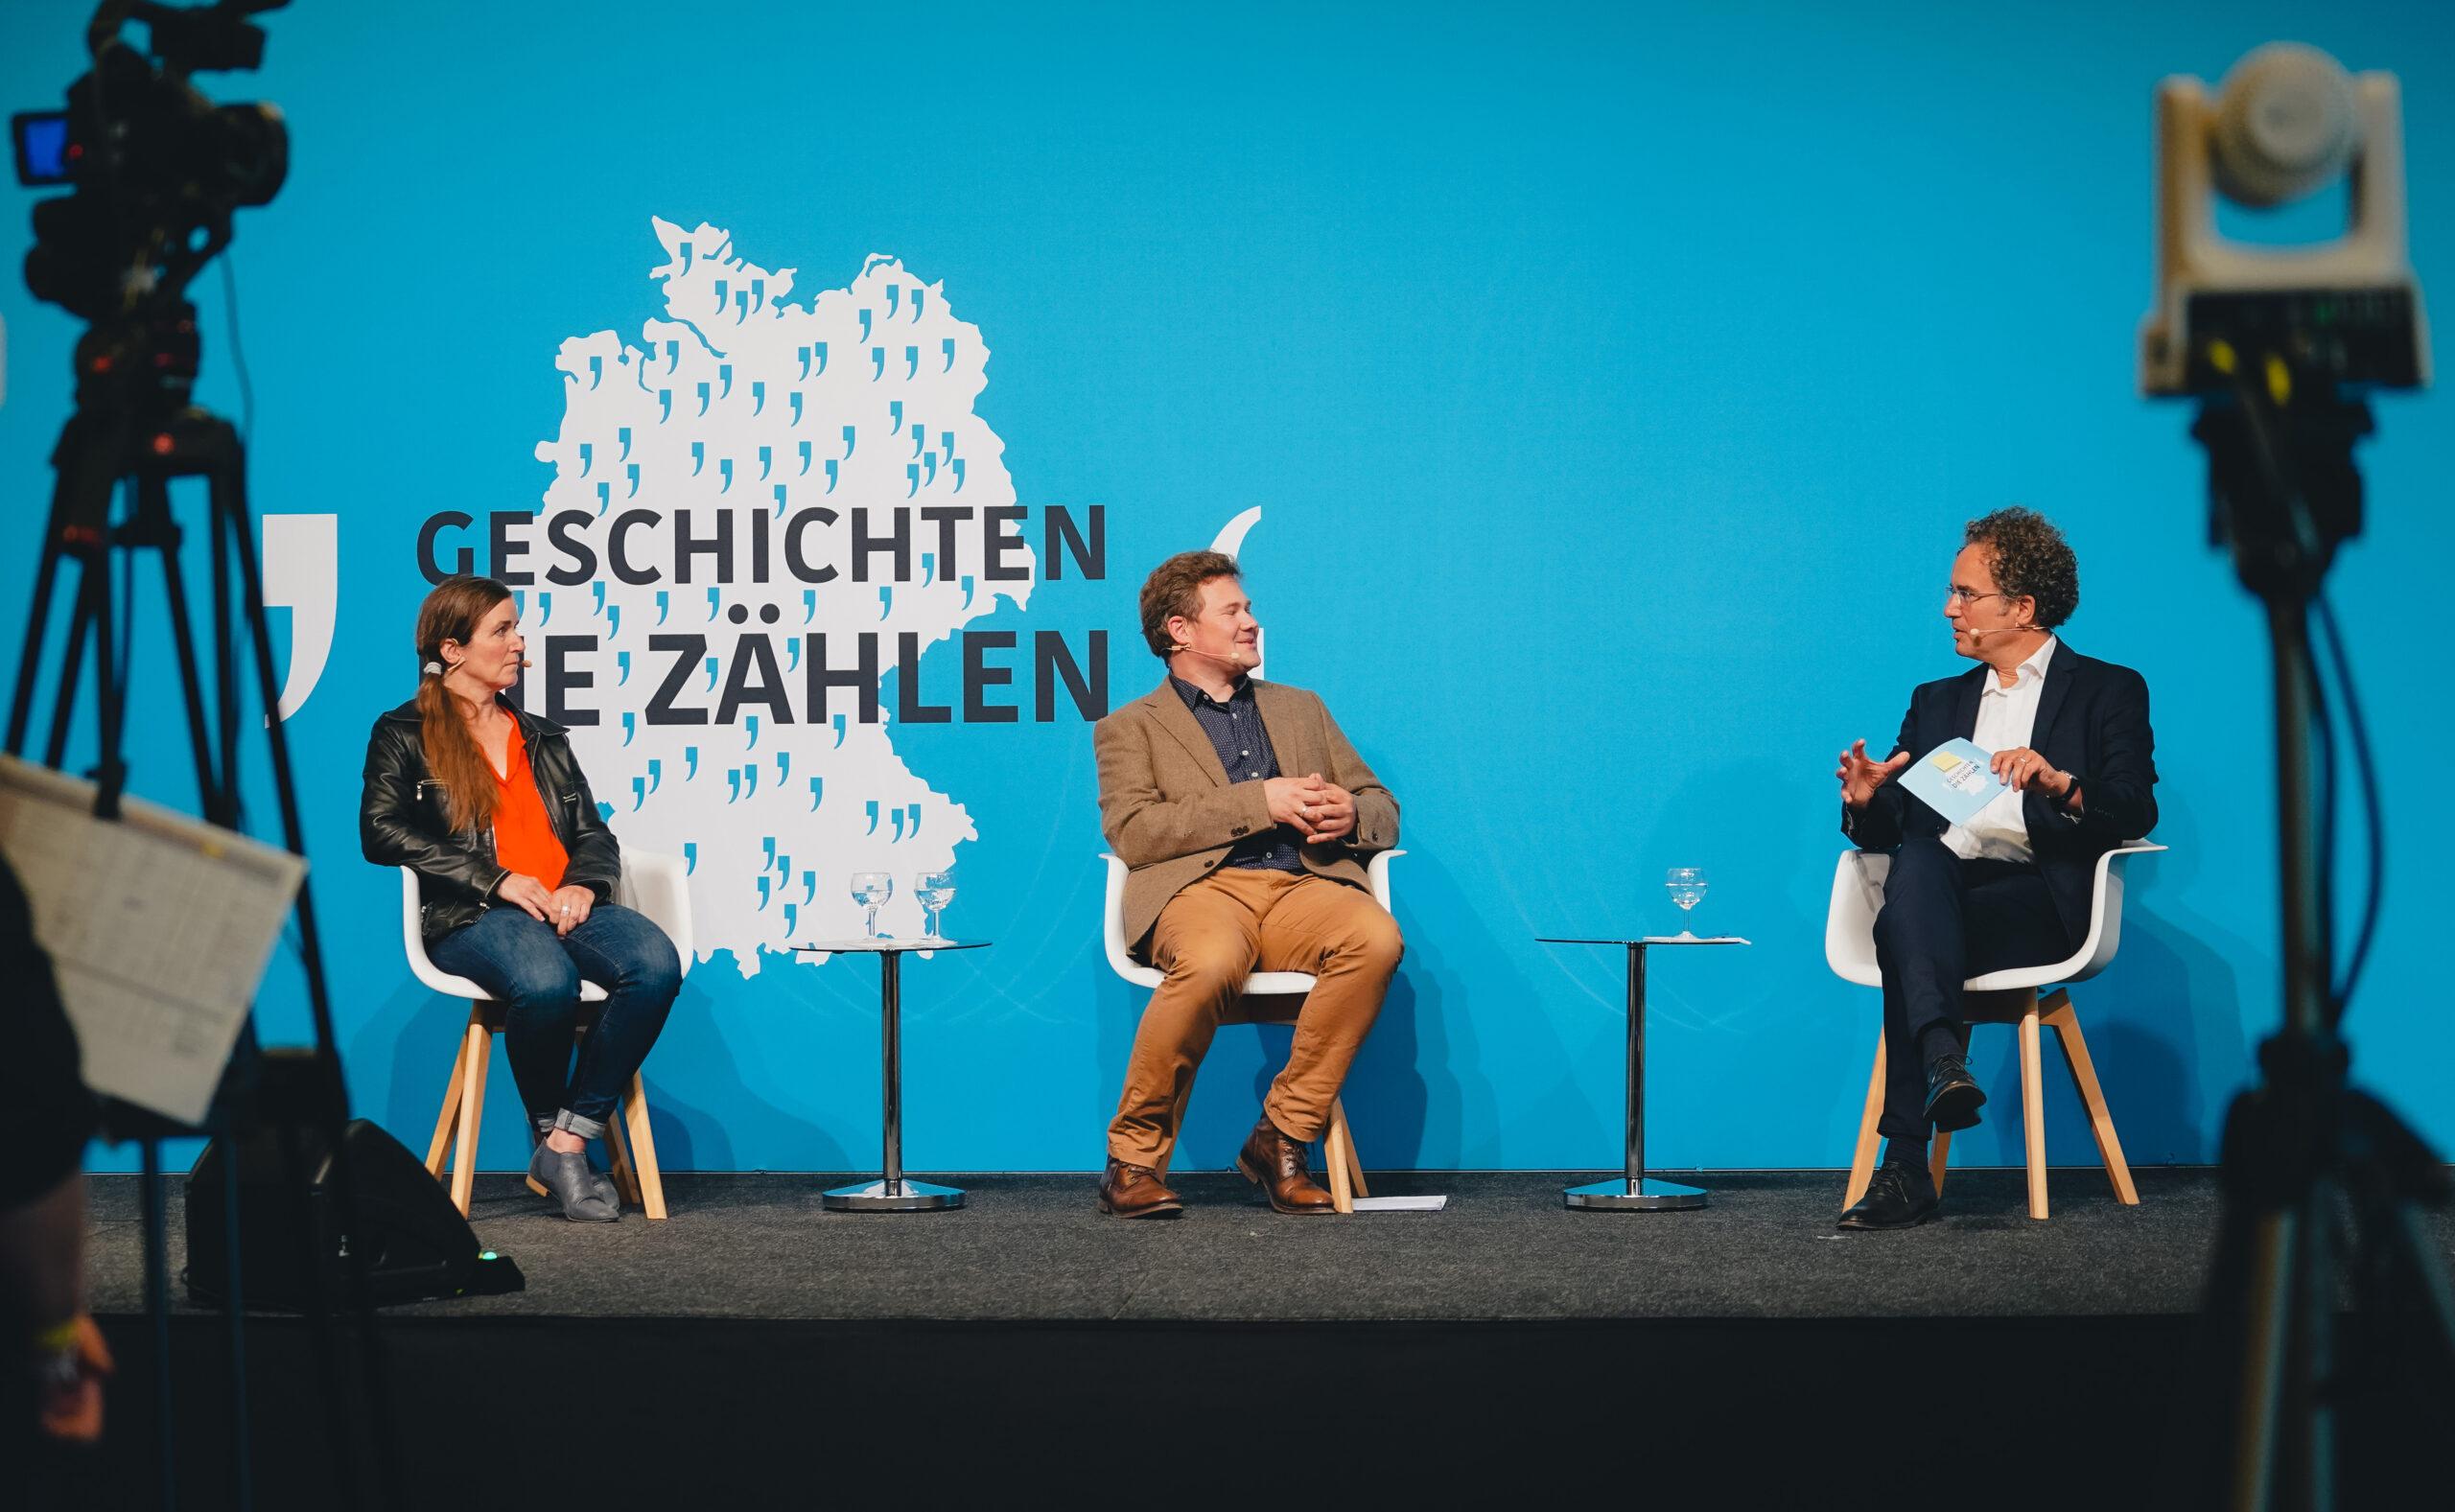 Eine Frau und zwei Männer sitzen auf einer Bühne und sprechen miteinander. Vor der Bühne befinden sich Kameras.